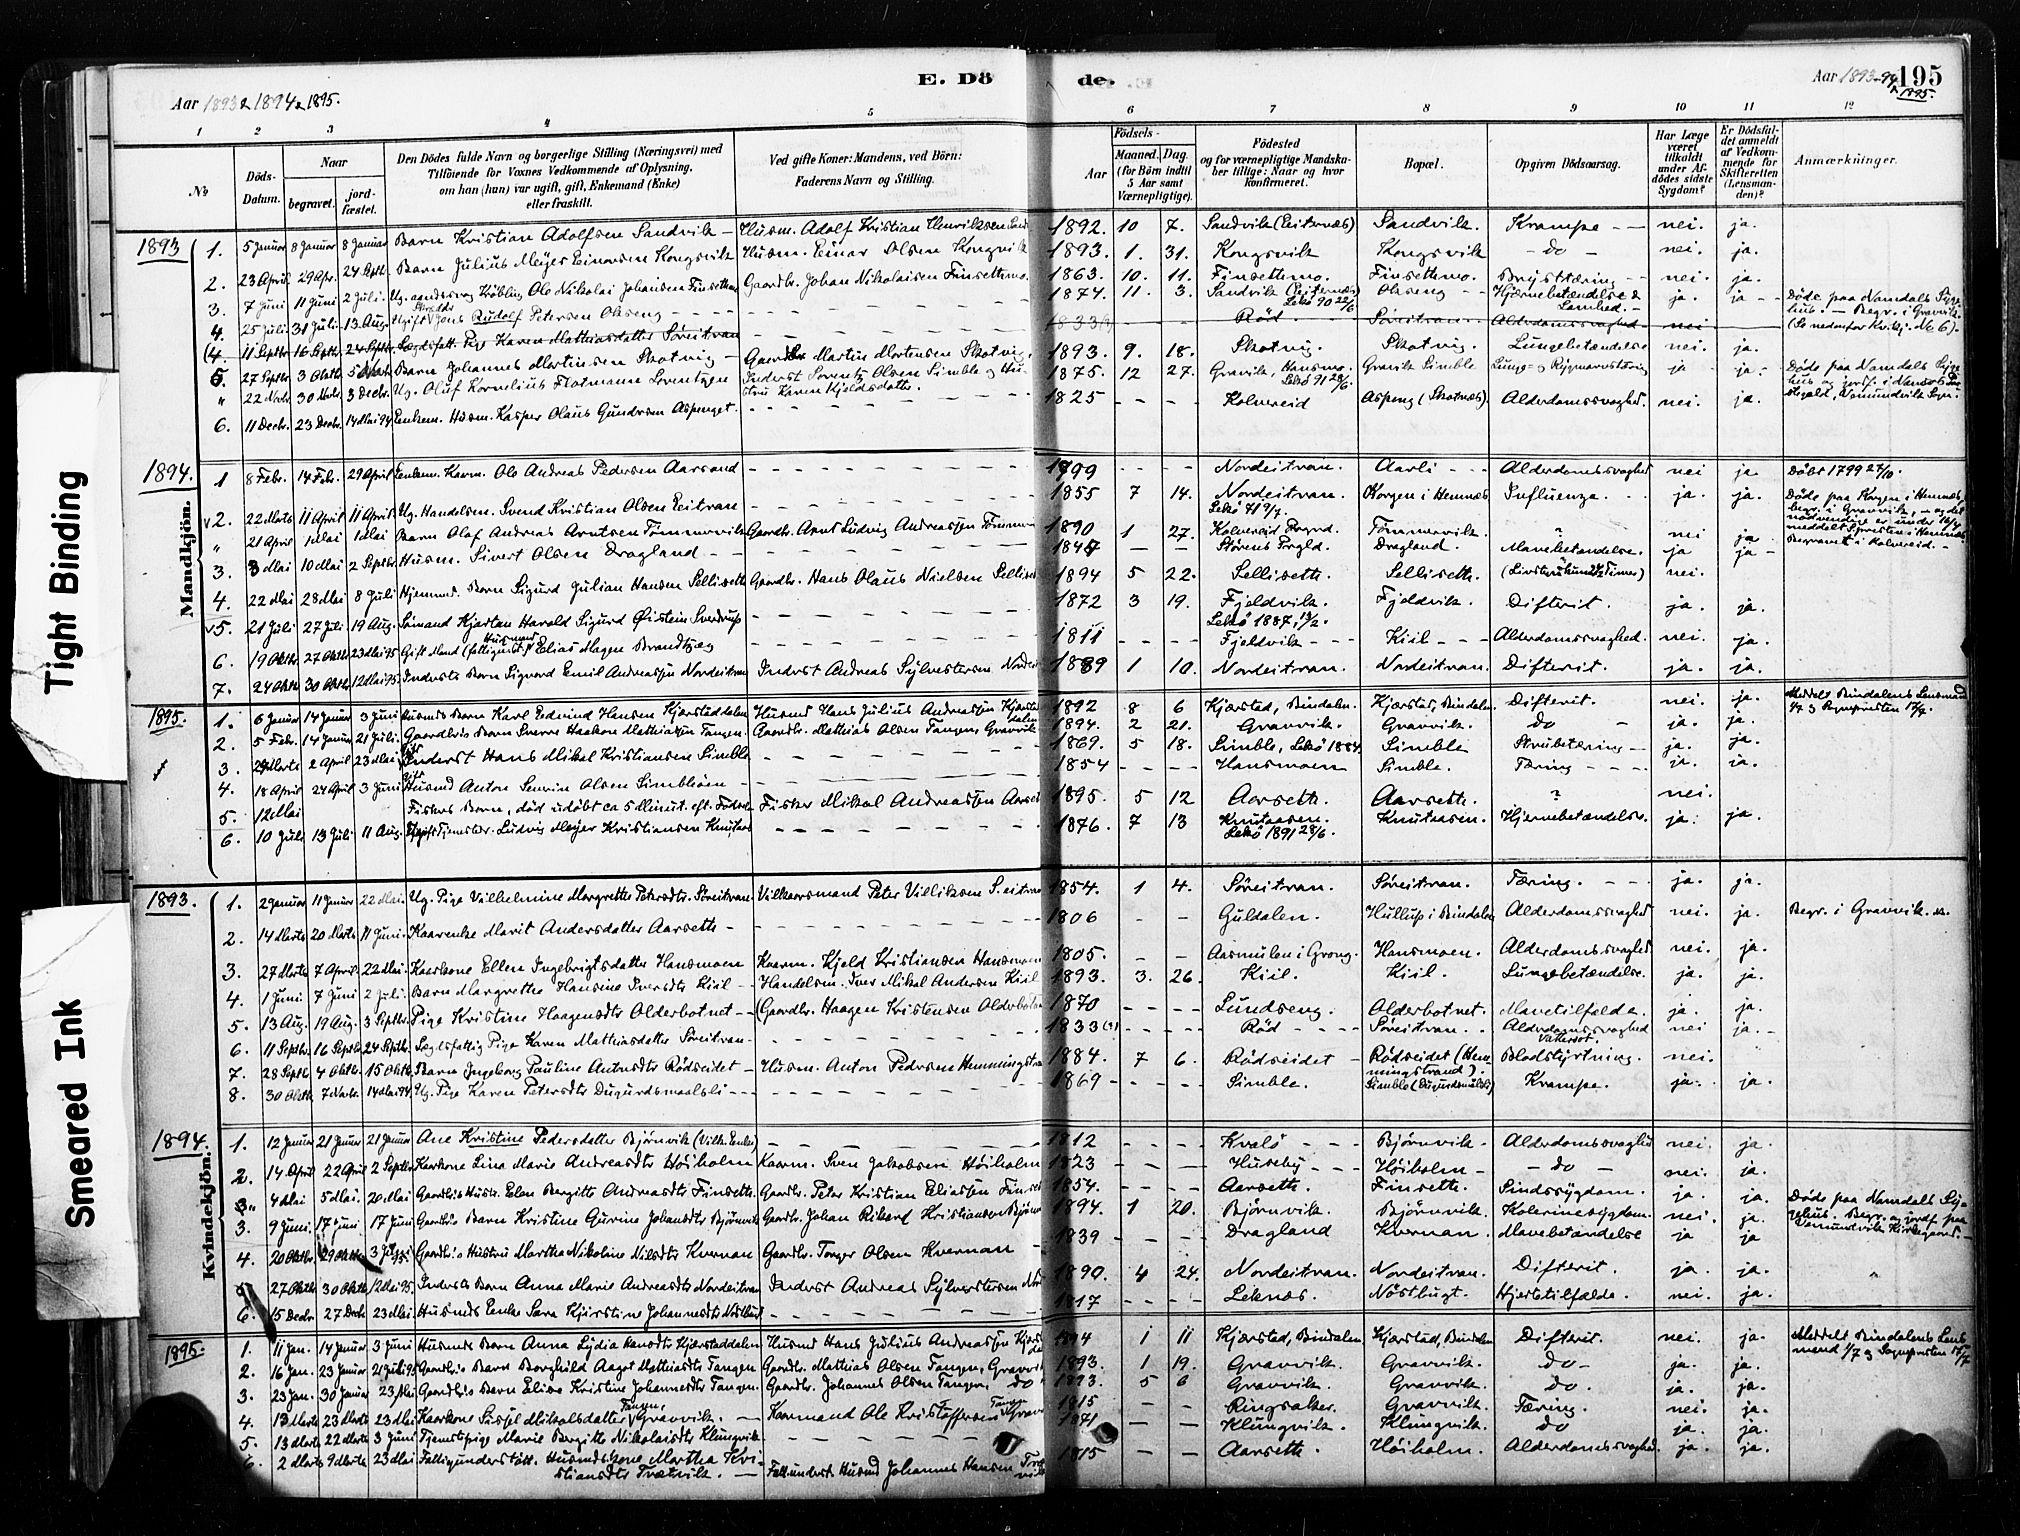 SAT, Ministerialprotokoller, klokkerbøker og fødselsregistre - Nord-Trøndelag, 789/L0705: Ministerialbok nr. 789A01, 1878-1910, s. 195